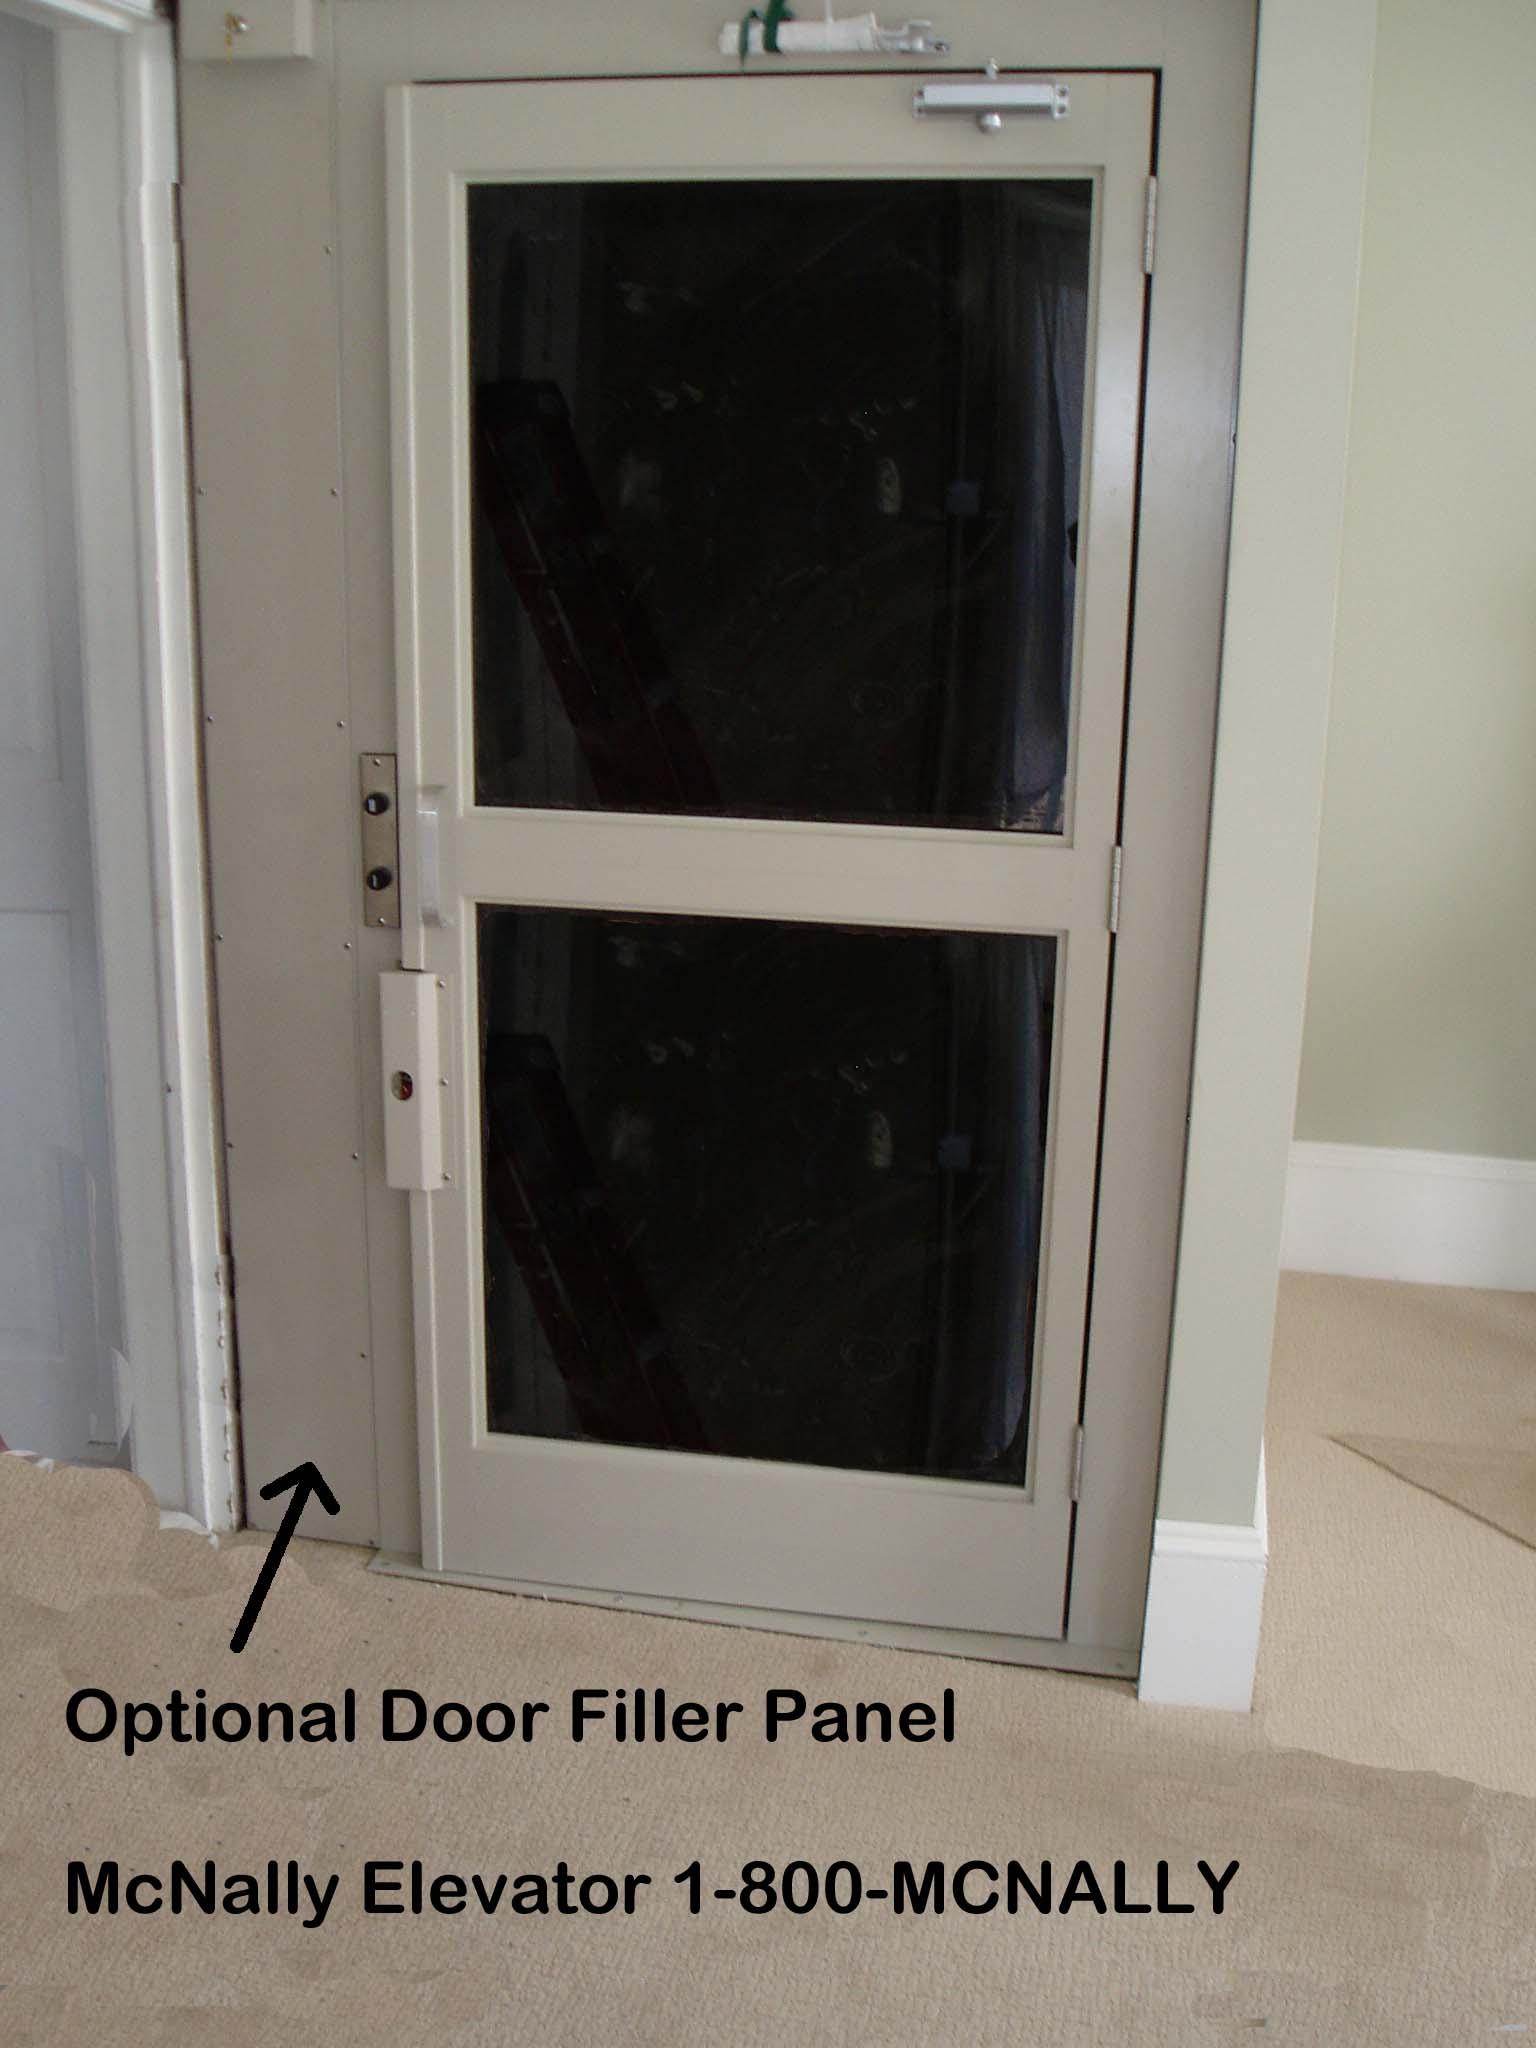 Lower Door Filler Panel.jpg